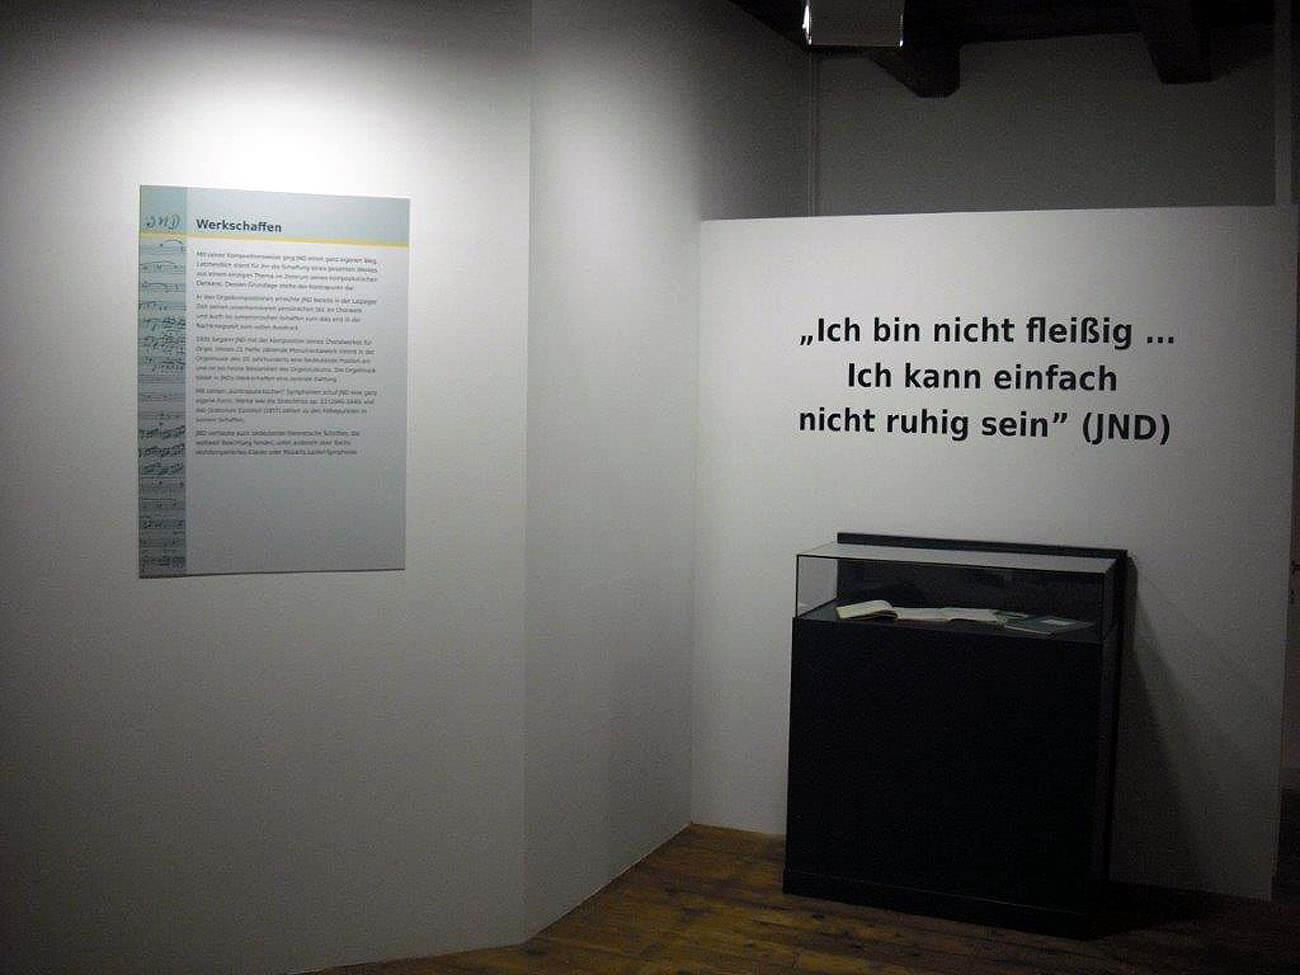 Klebebeschriftung für ein Museum in Schwarz